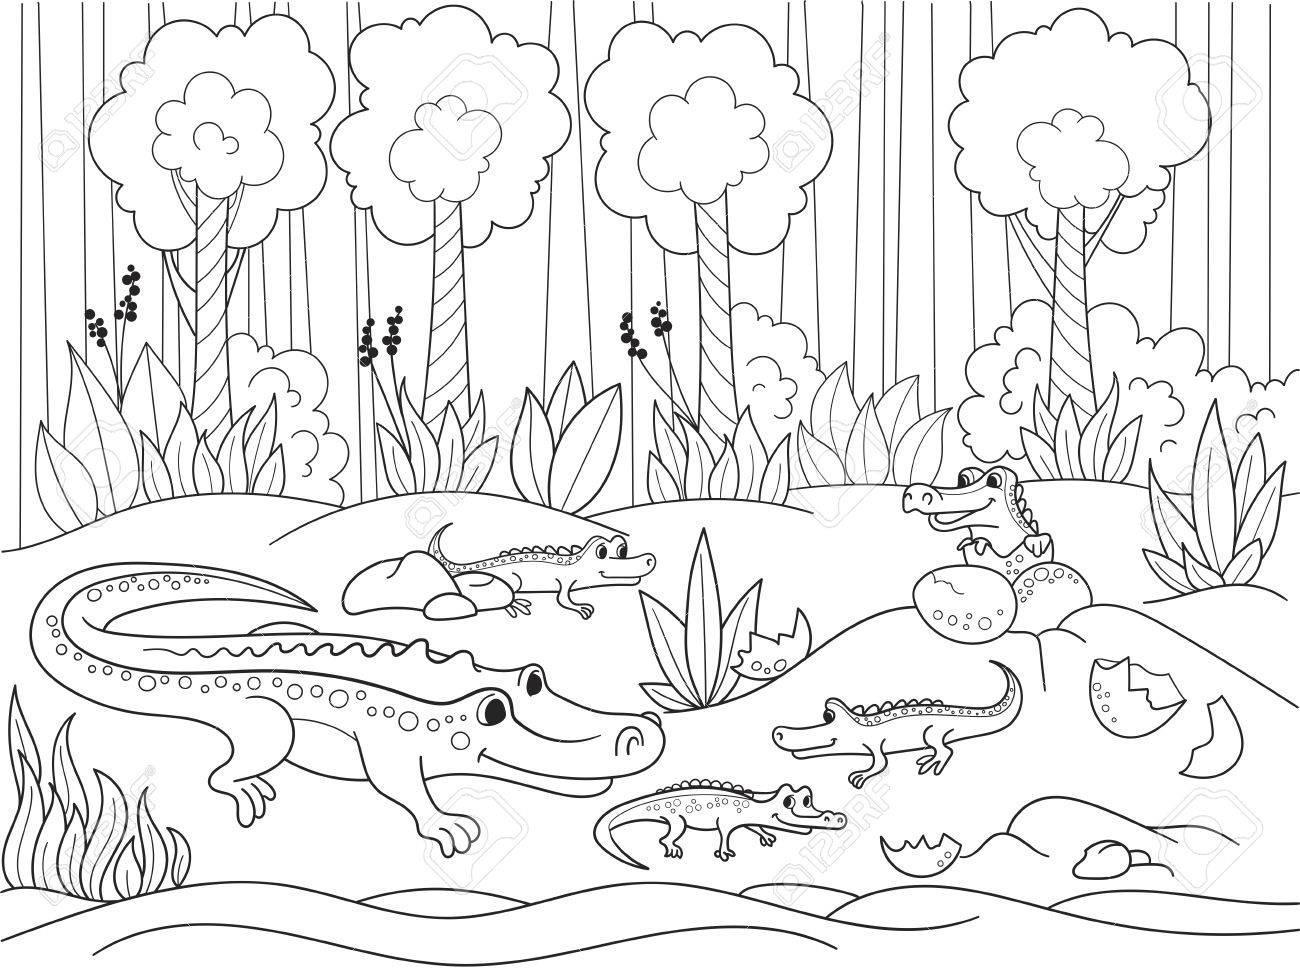 Familia De Dibujos Animados Para Niños De Cocodrilos En áfrica Libro De Colorear Líneas Negras Fondo Blanco